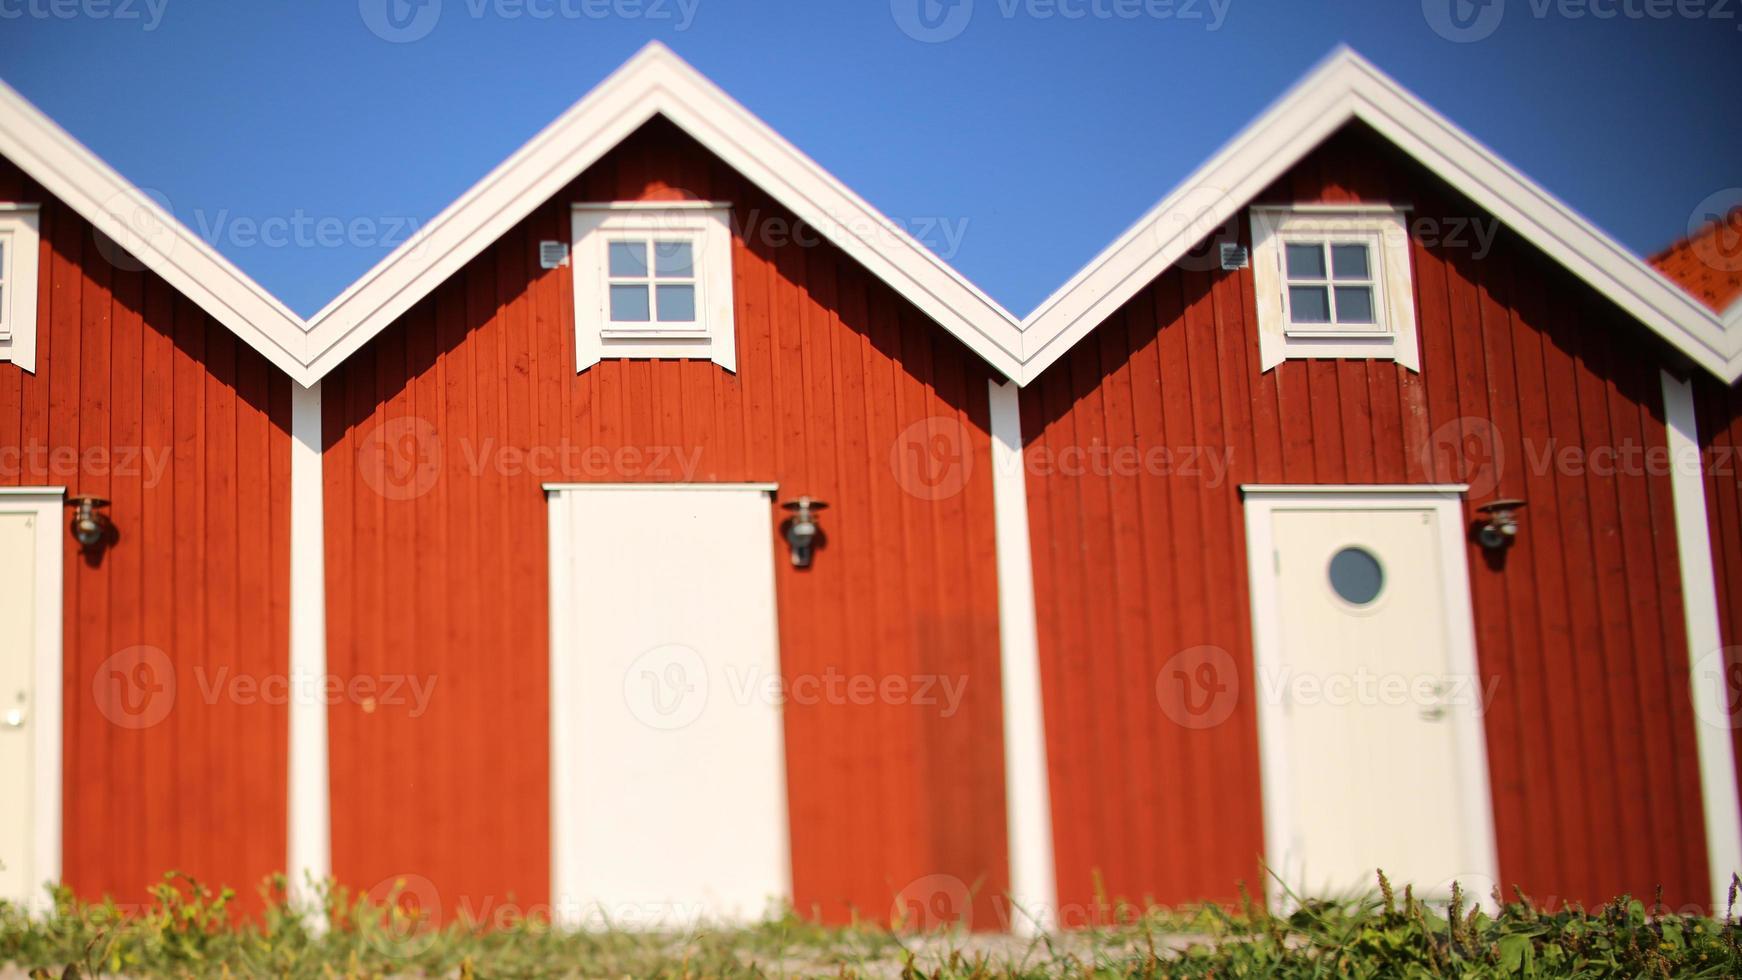 case rosse in fila, con cielo blu foto